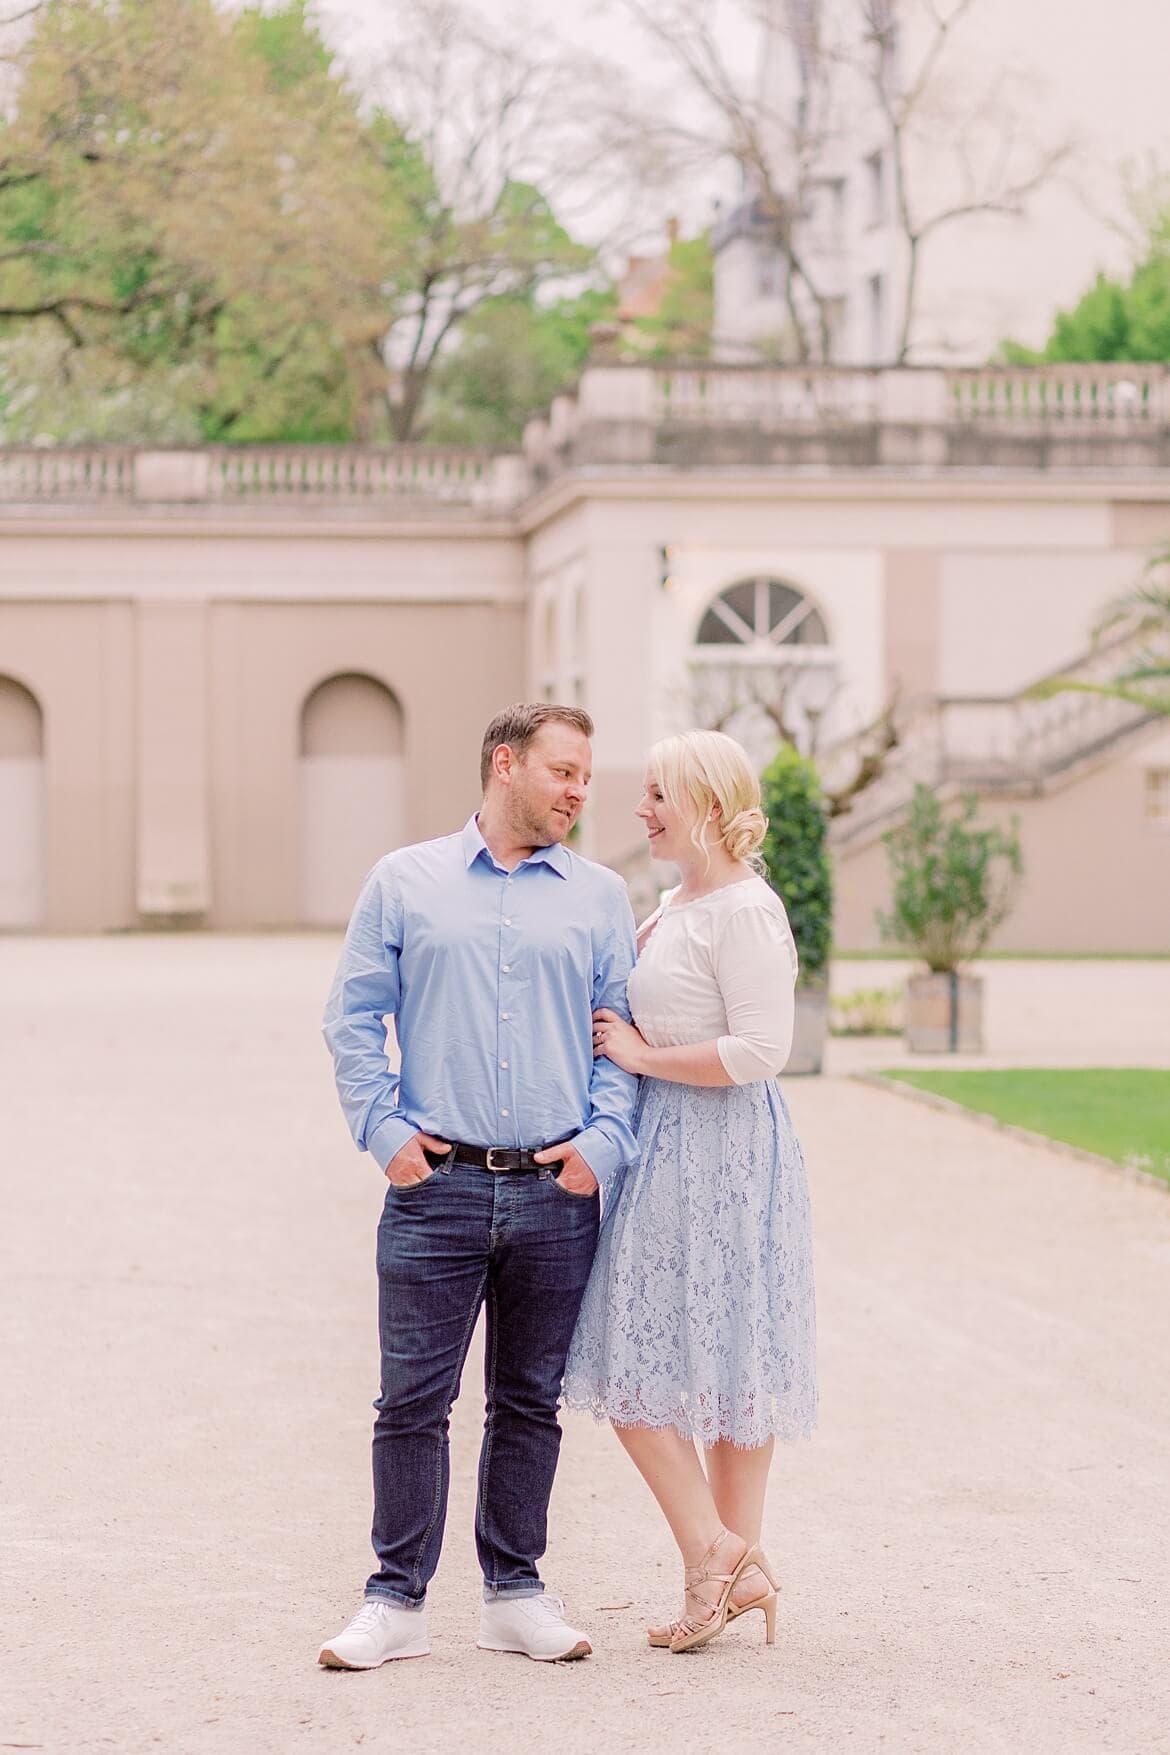 Paar steht eng angekuschelt im Park